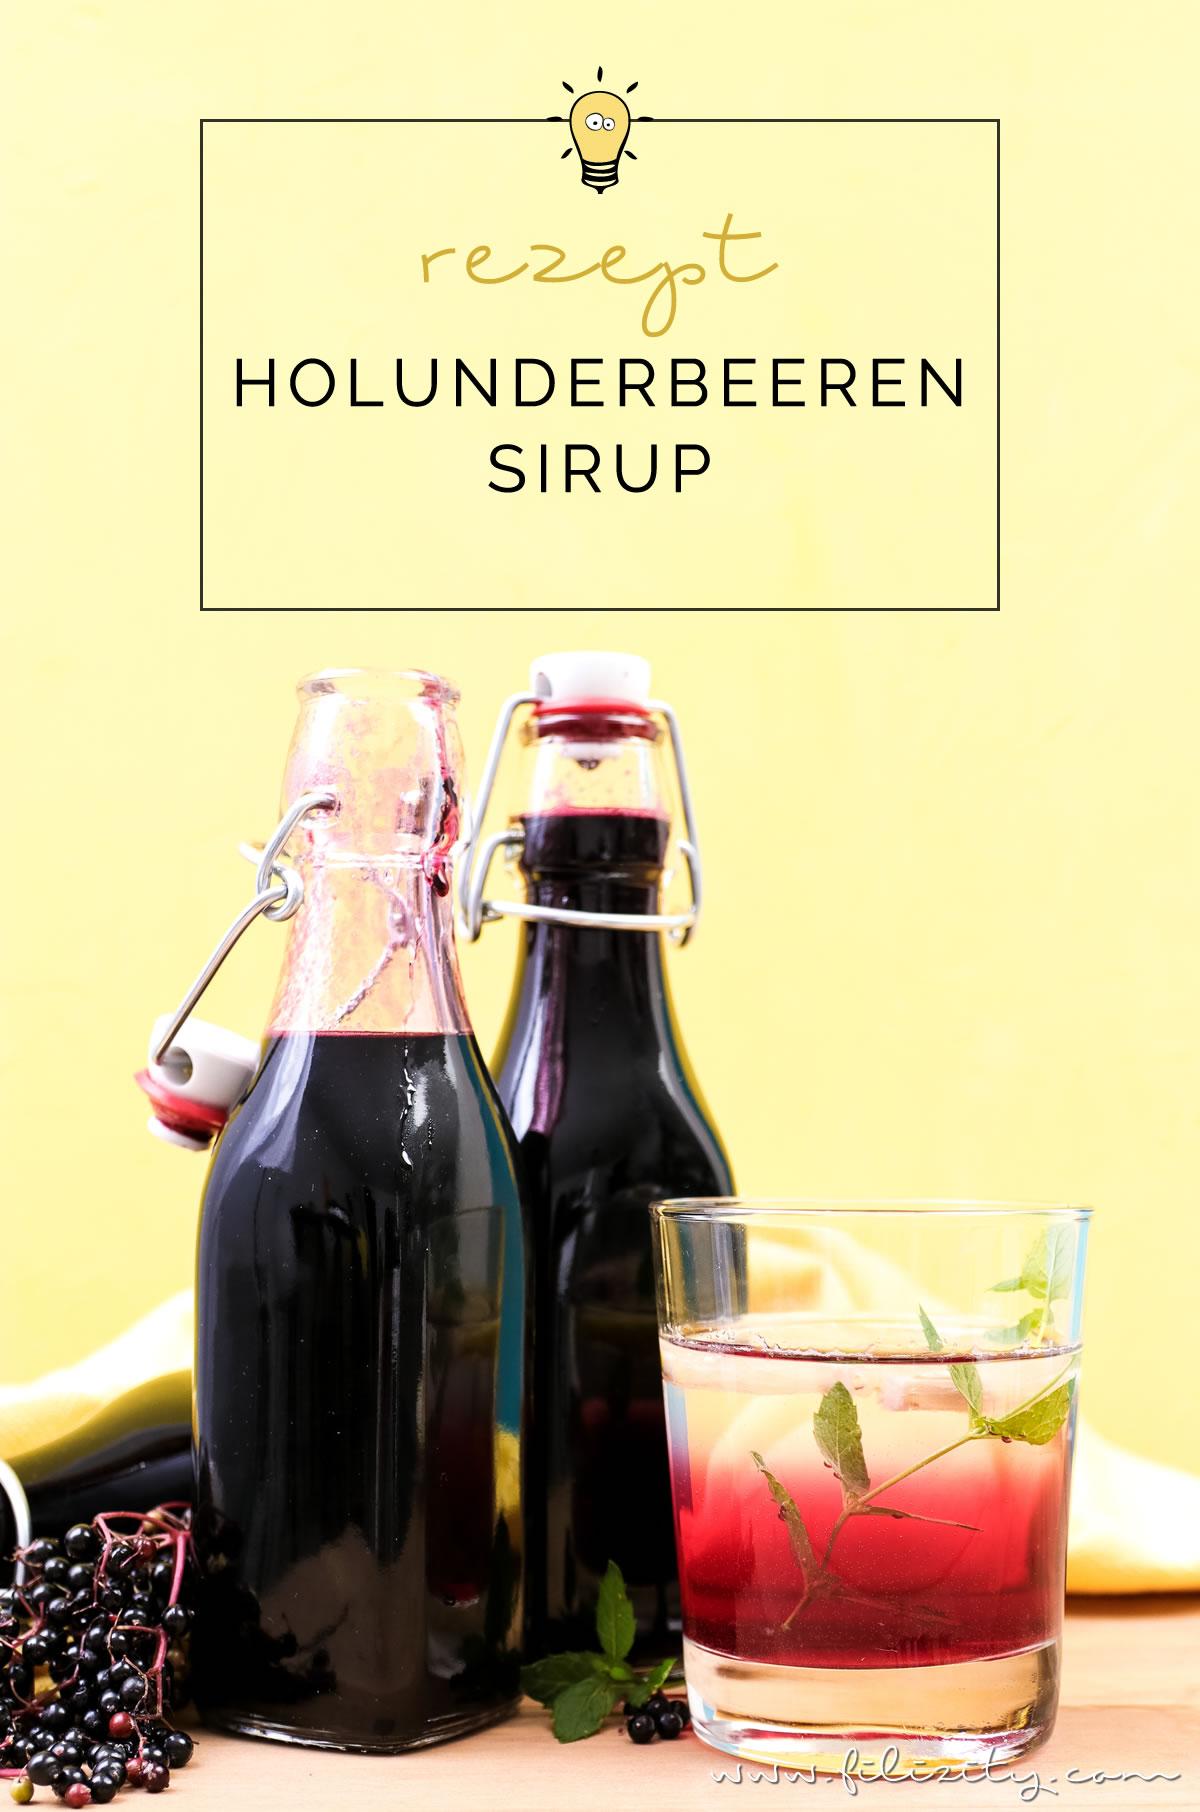 Holunderbeeren-Sirup / Fliederbeerensirup einkochen für Getränke & mehr - Mit diesem Rezept geht es ganz einfach! | Perfekt als Geschenk oder als Vorrat für den Winter! | Filizity.com | Food-Blog aus dem Rheinland #holunder #einkochen